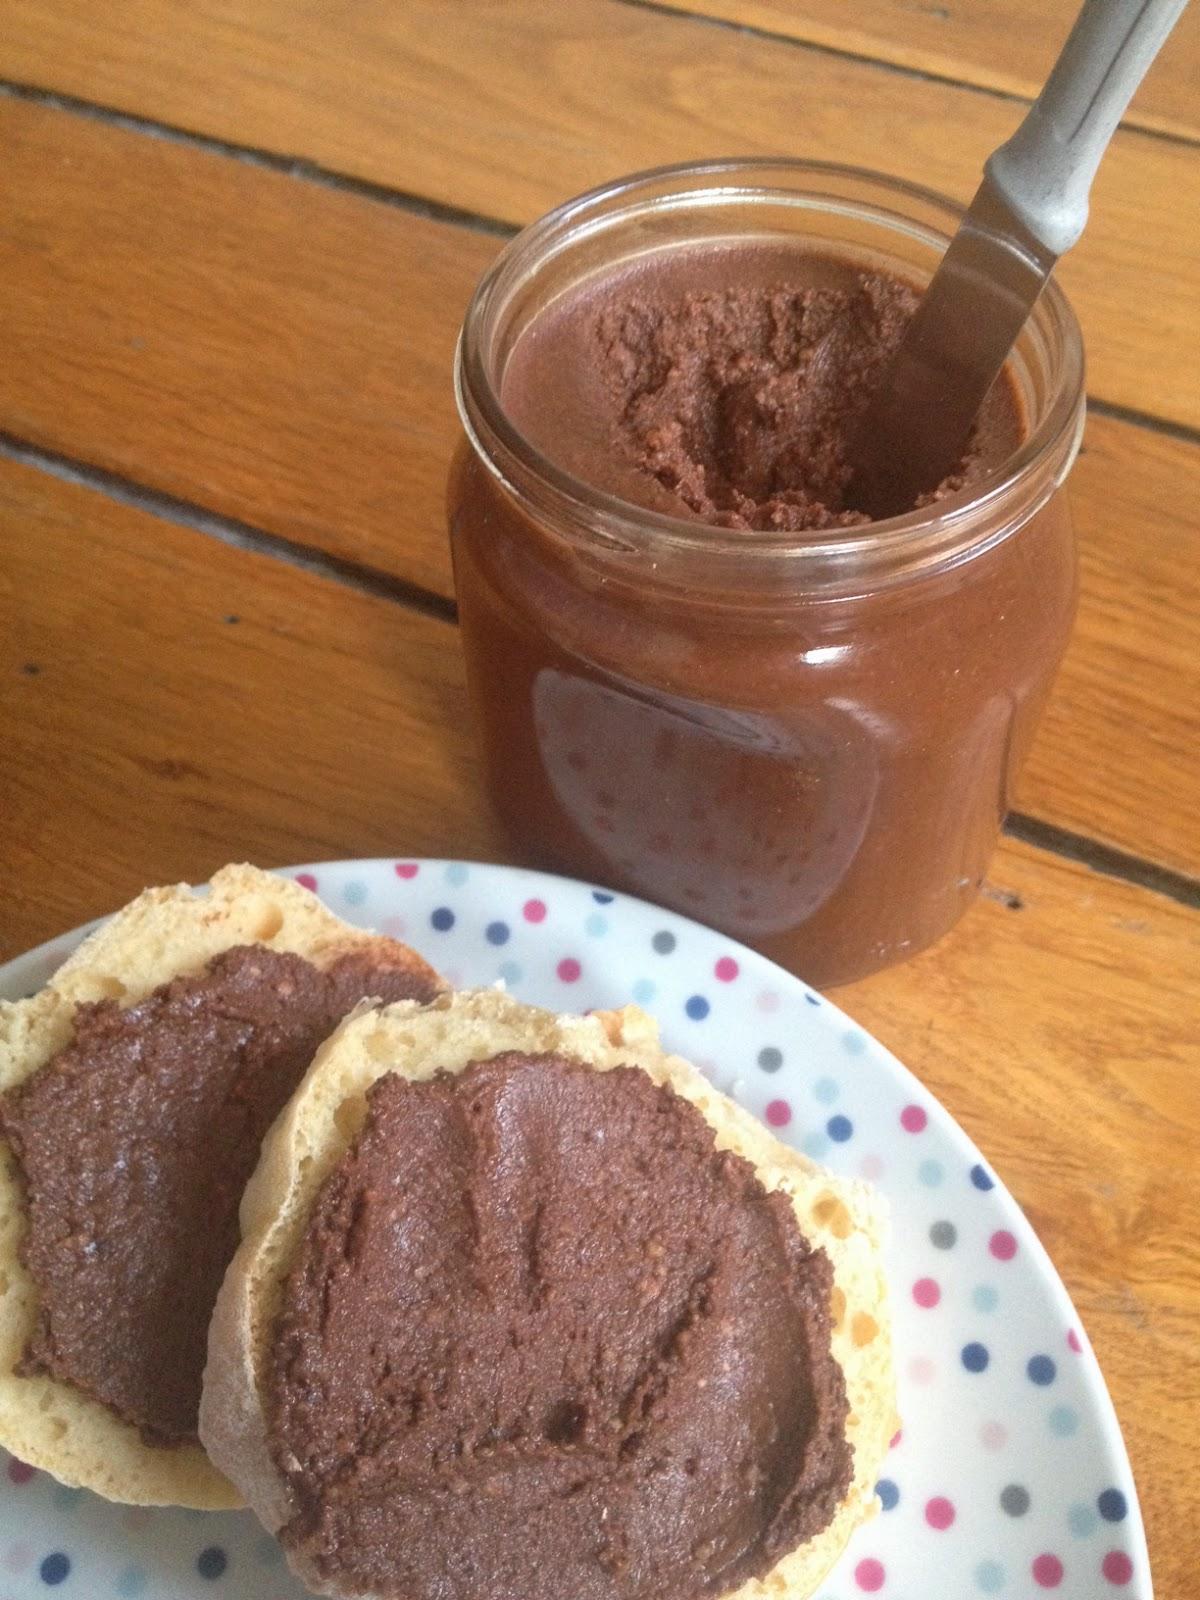 Ulrique cuisine p te tartiner ou nutella maison - Nutella maison lait concentre ...